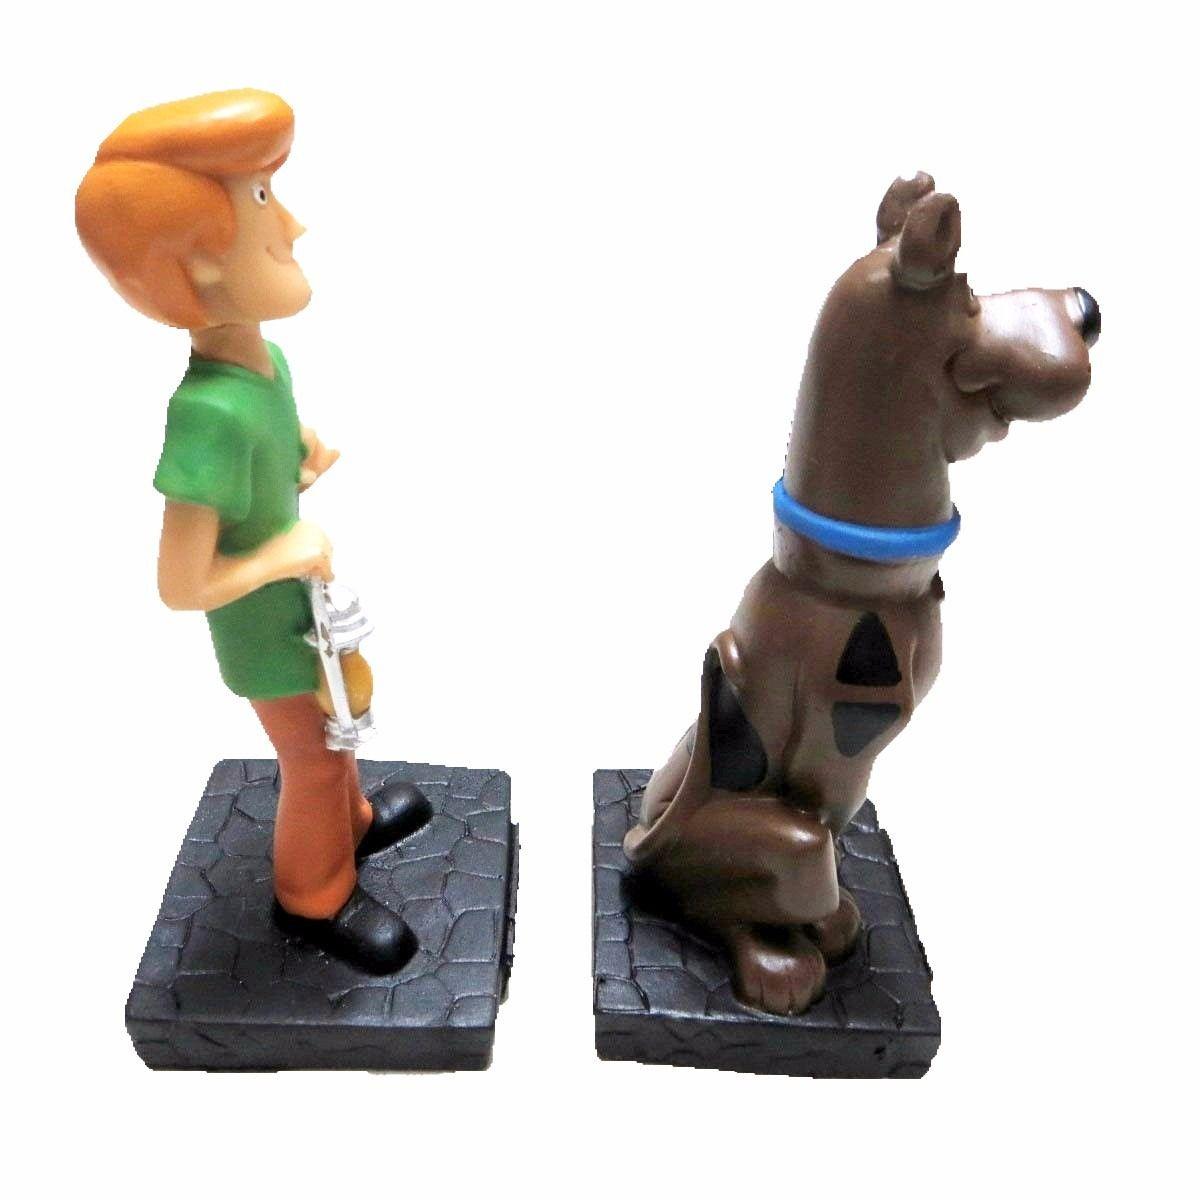 Bonecos Salsicha E Scooby-doo Em Resina